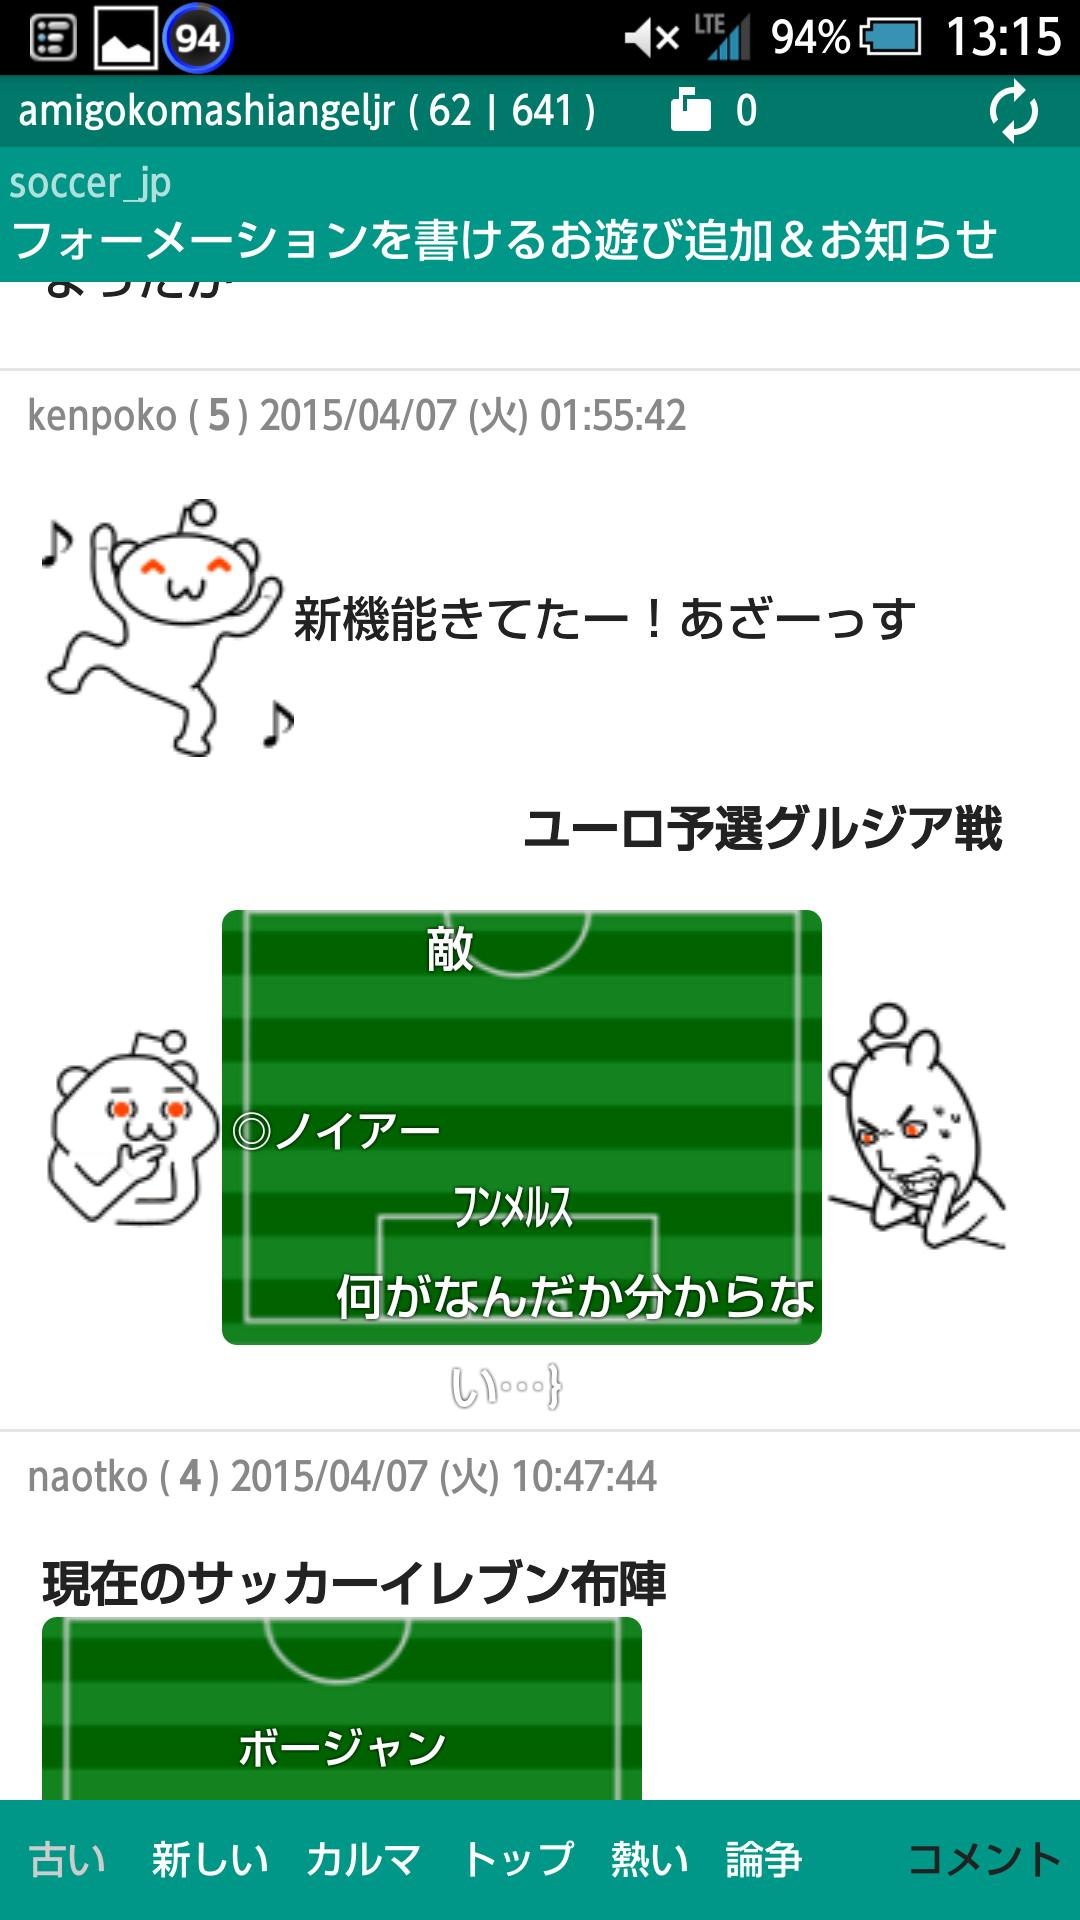 ピルグリム(日本語対応したreddit専ブラ) for Android - APK Download